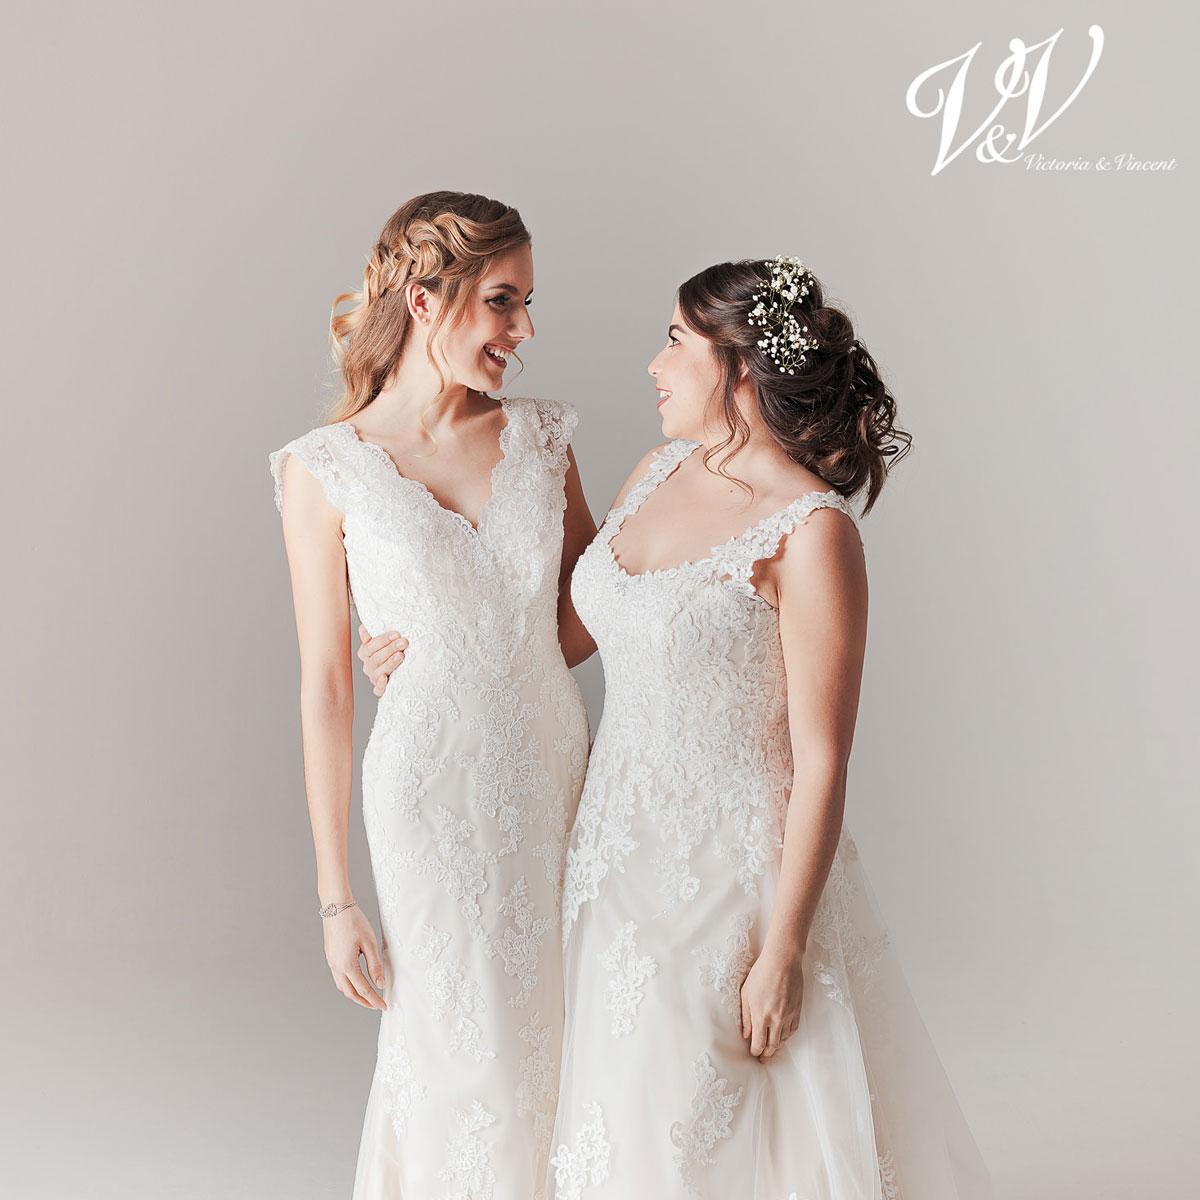 Victoria & Vincent bridal gowns